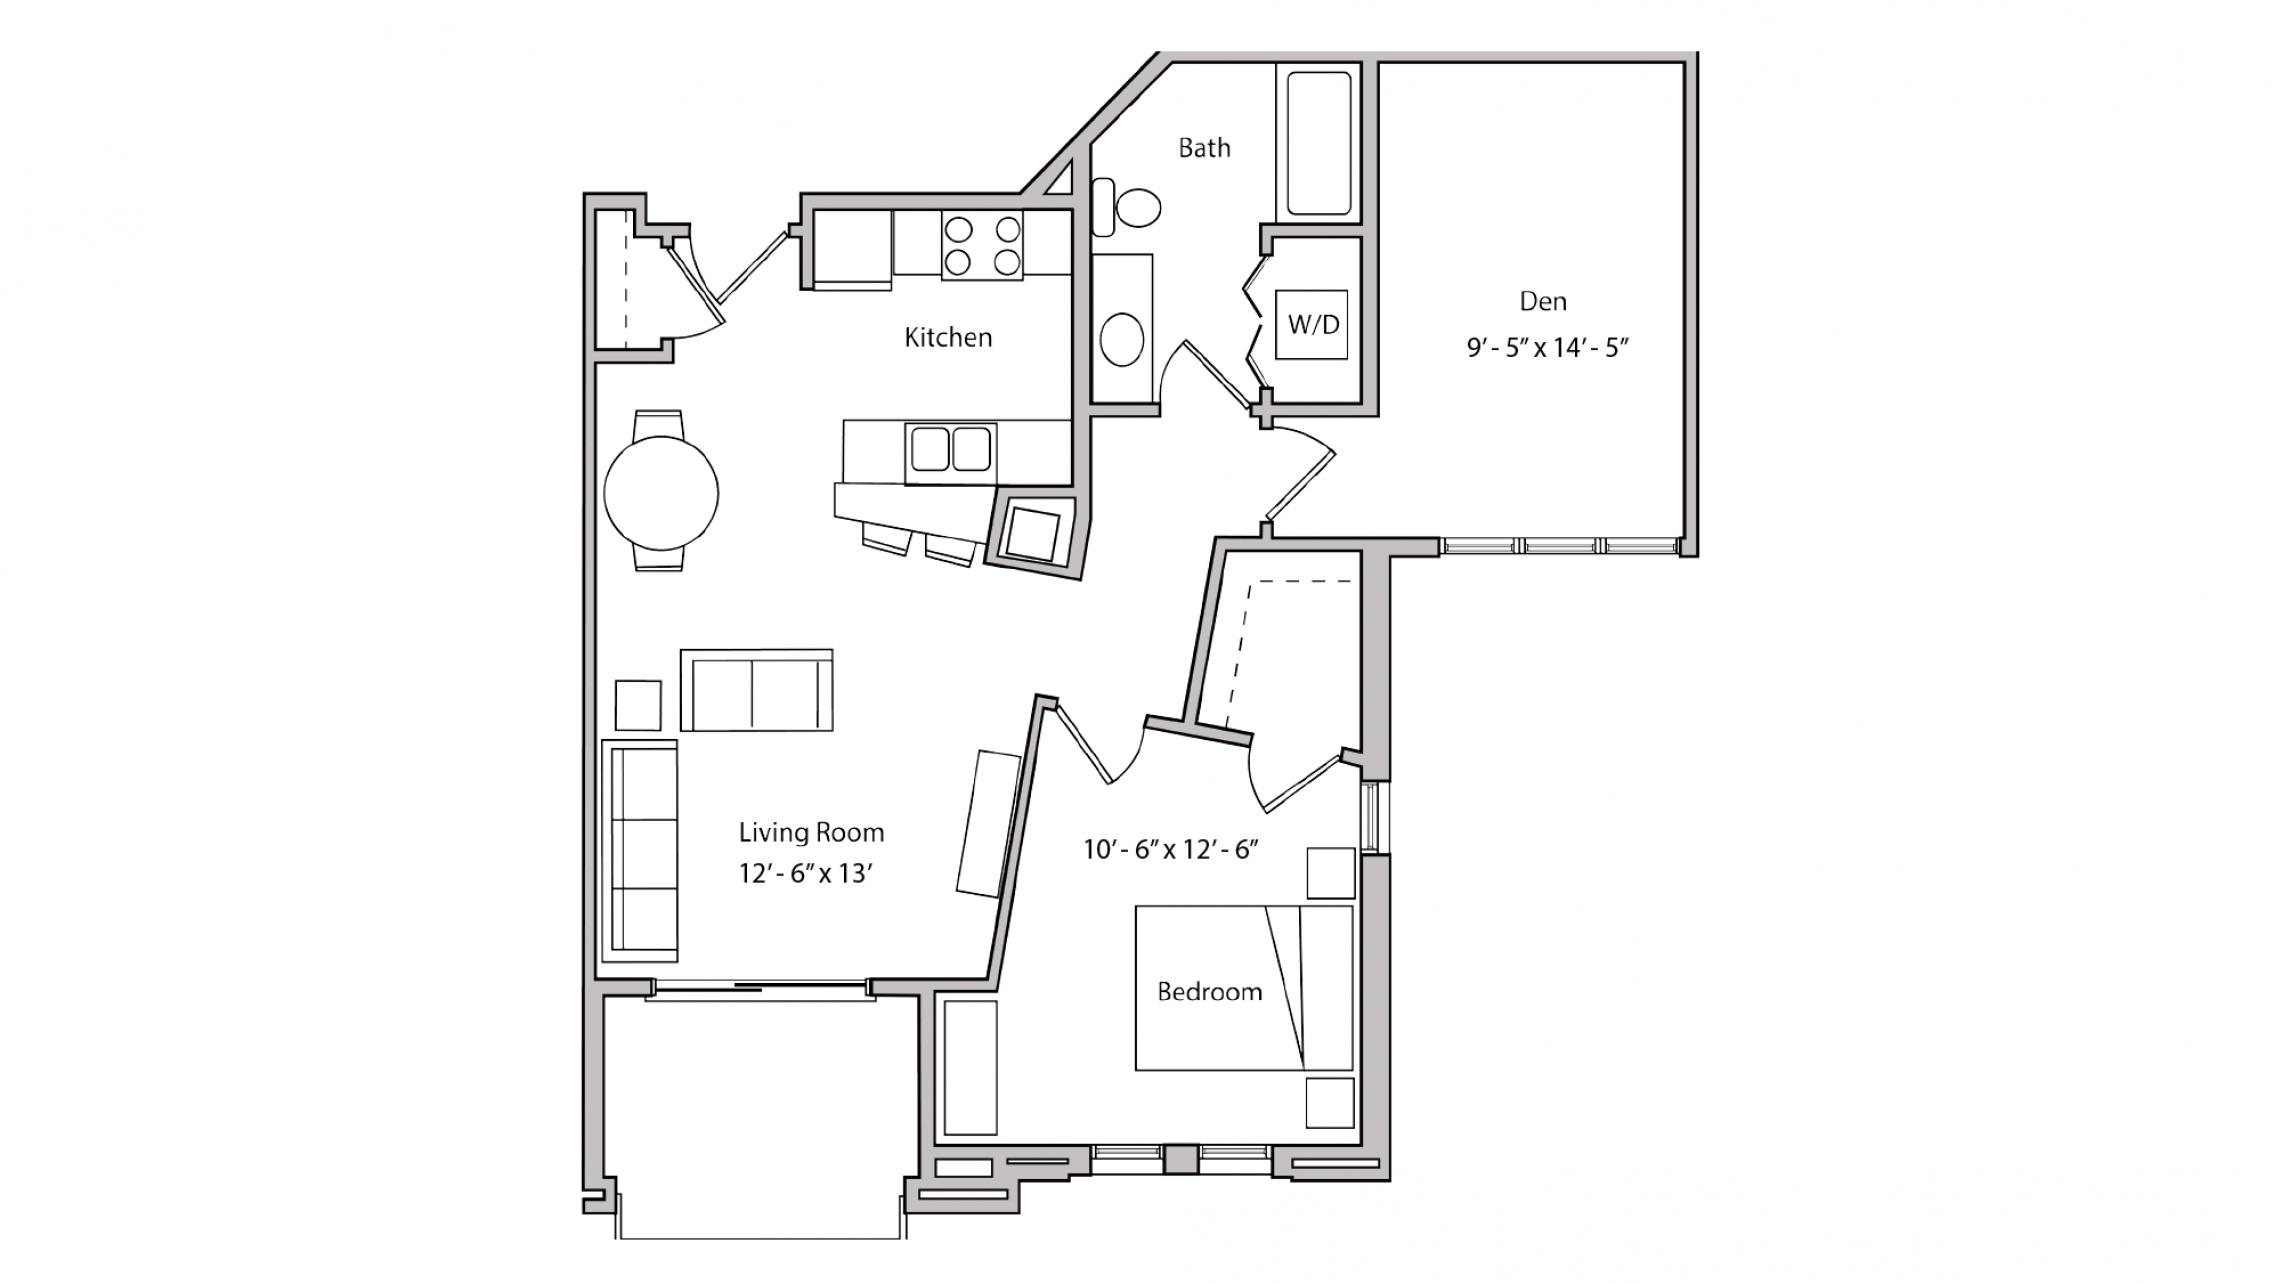 ULI The Depot 1-316 - One Bedroom Plus Den, One Bathroom